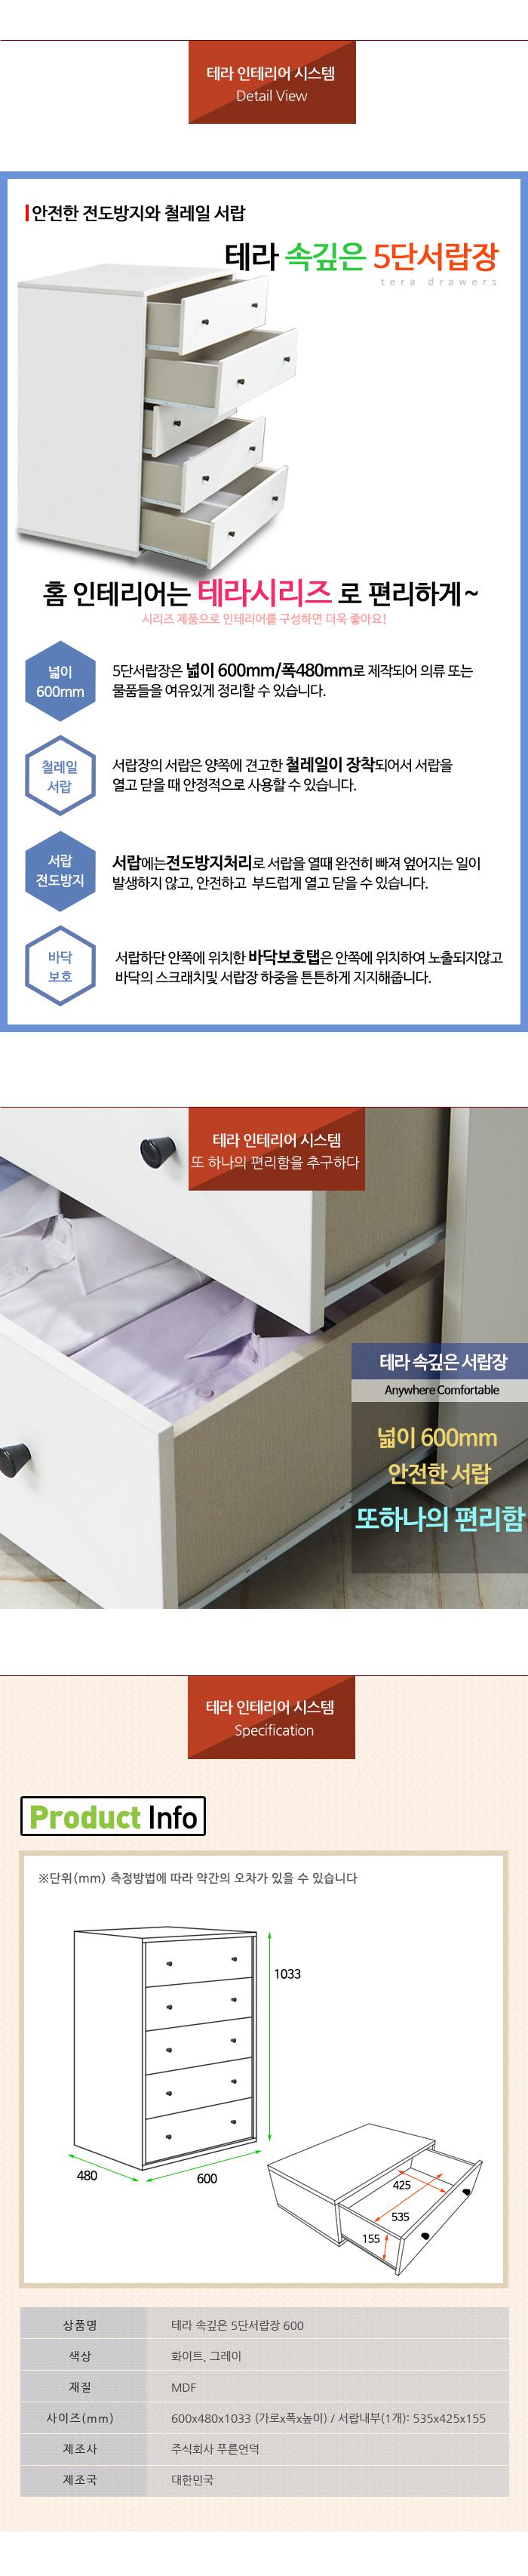 테라 속깊은 5단 서랍장 600 - 아름이와다움이, 159,000원, 협탁/서랍장, 서랍장